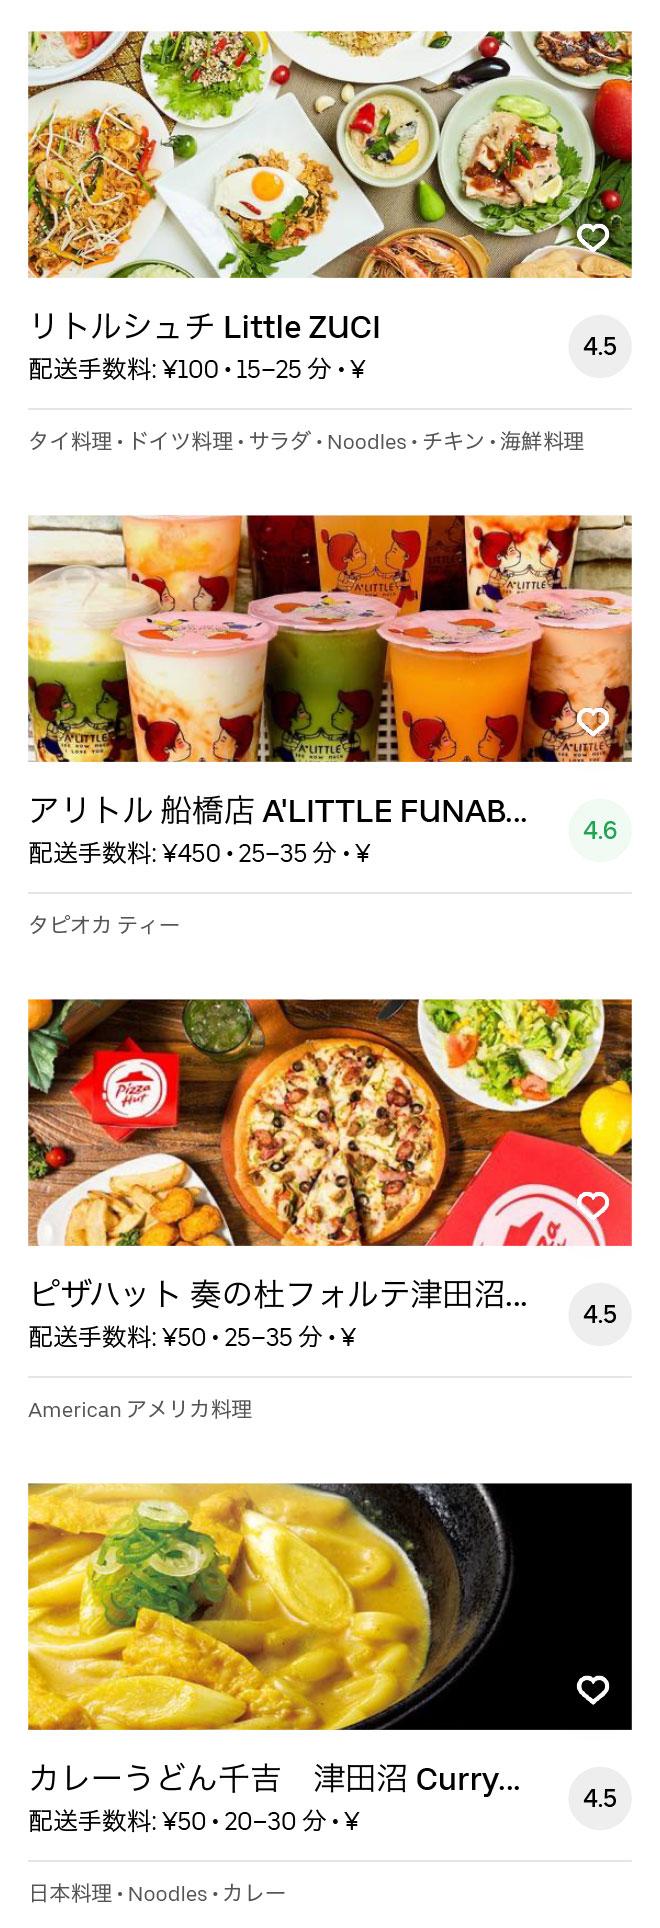 Narashino tudanuma menu 2004 05